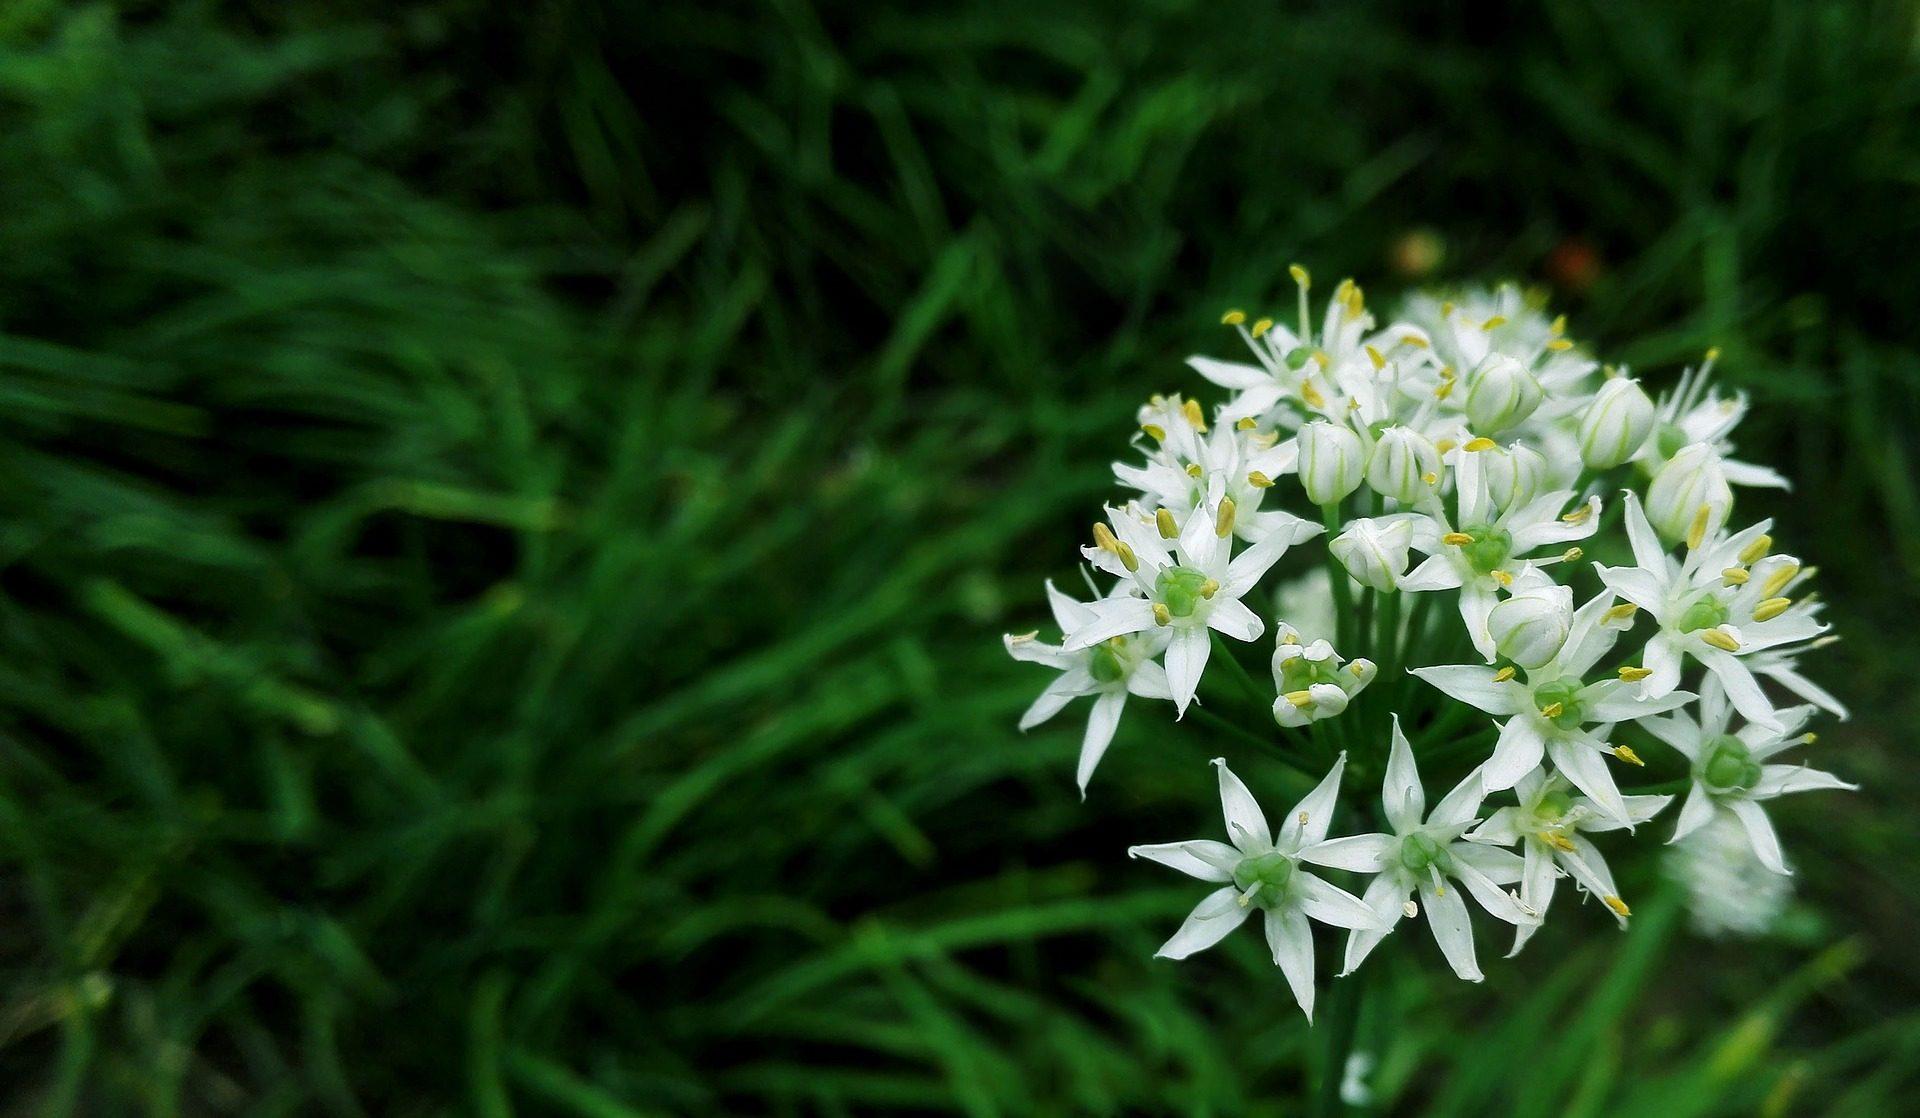 fleurs, plantes, pétales, étamines, Bloom, Blanc - Fonds d'écran HD - Professor-falken.com